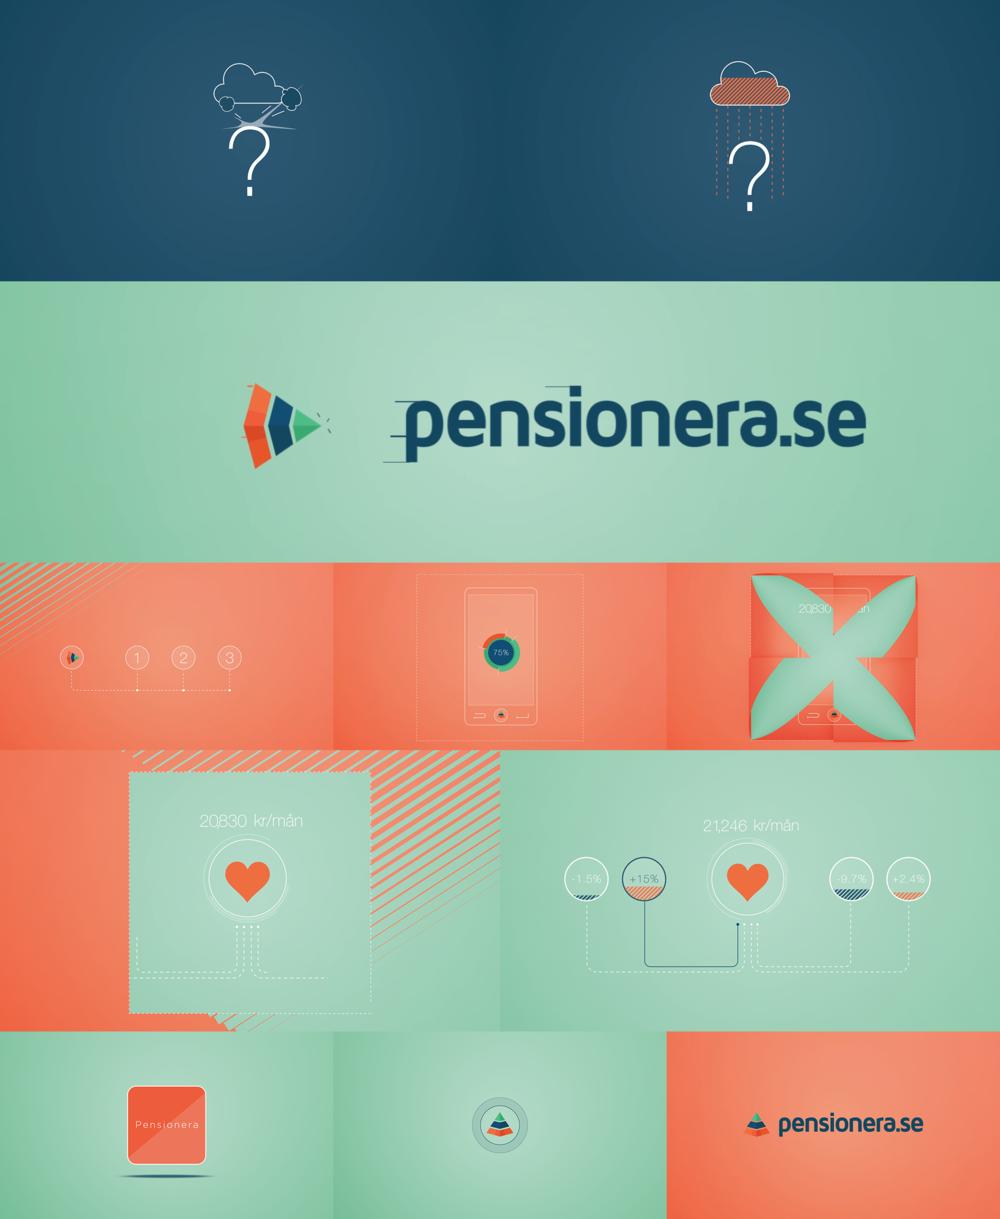 Pensionera